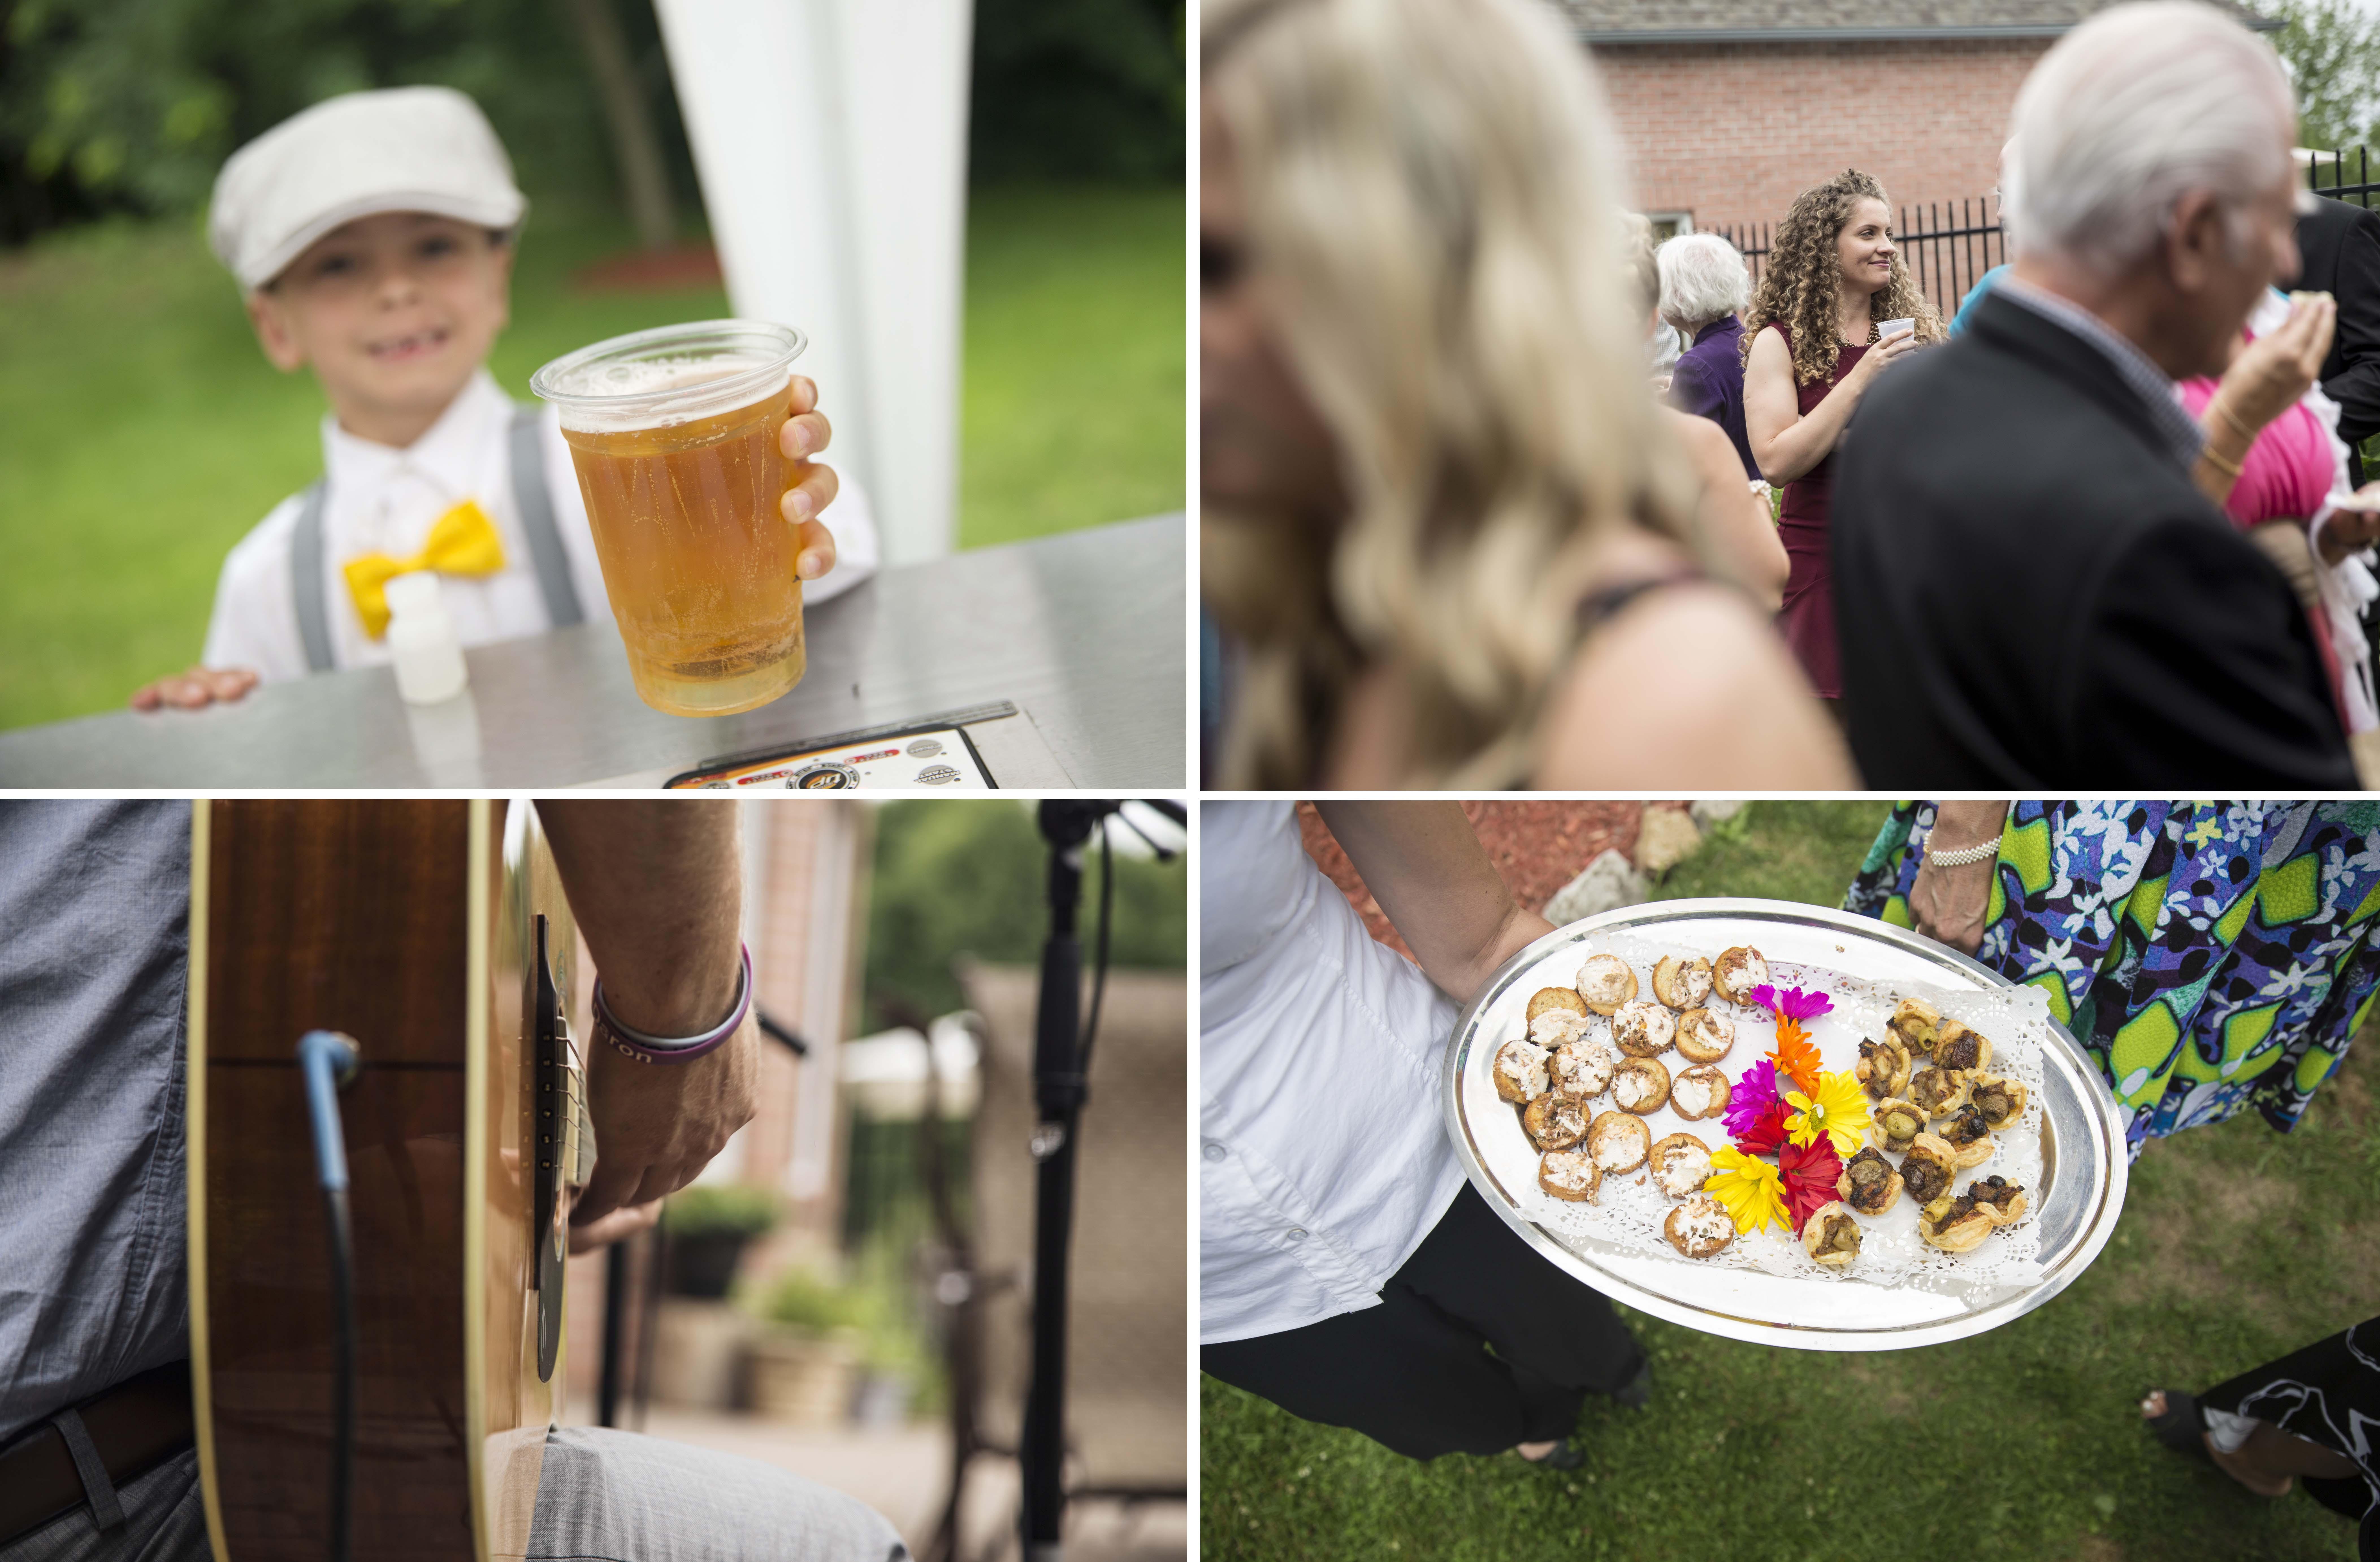 101-109-aj_cocktails-details-011fb